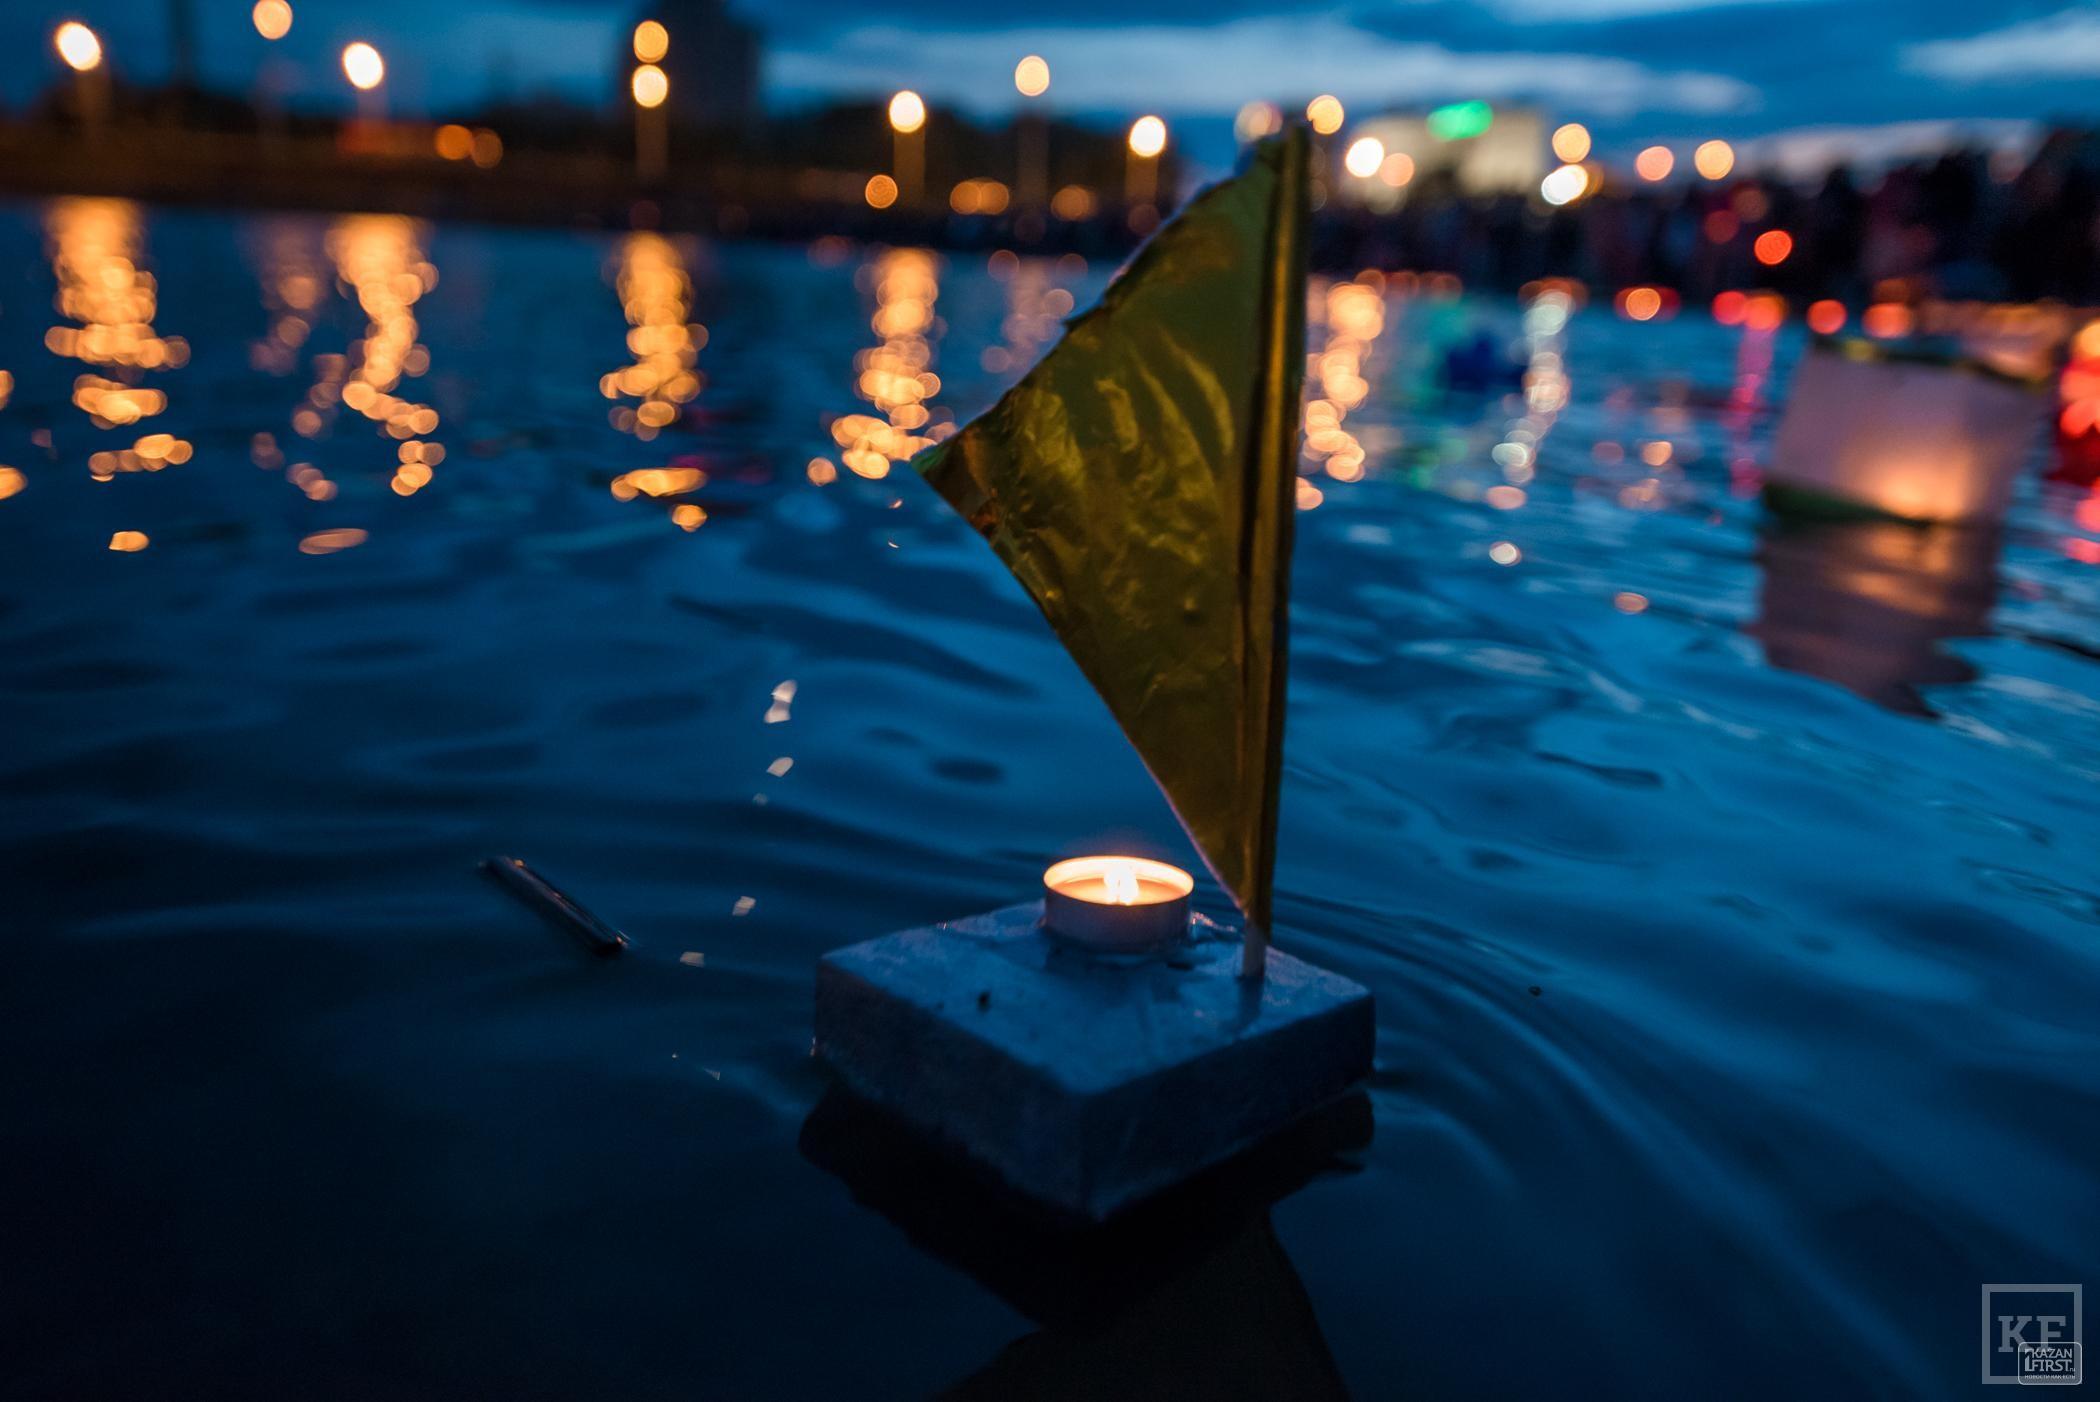 В Казани впервые прошел Фестиваль водных фонариков